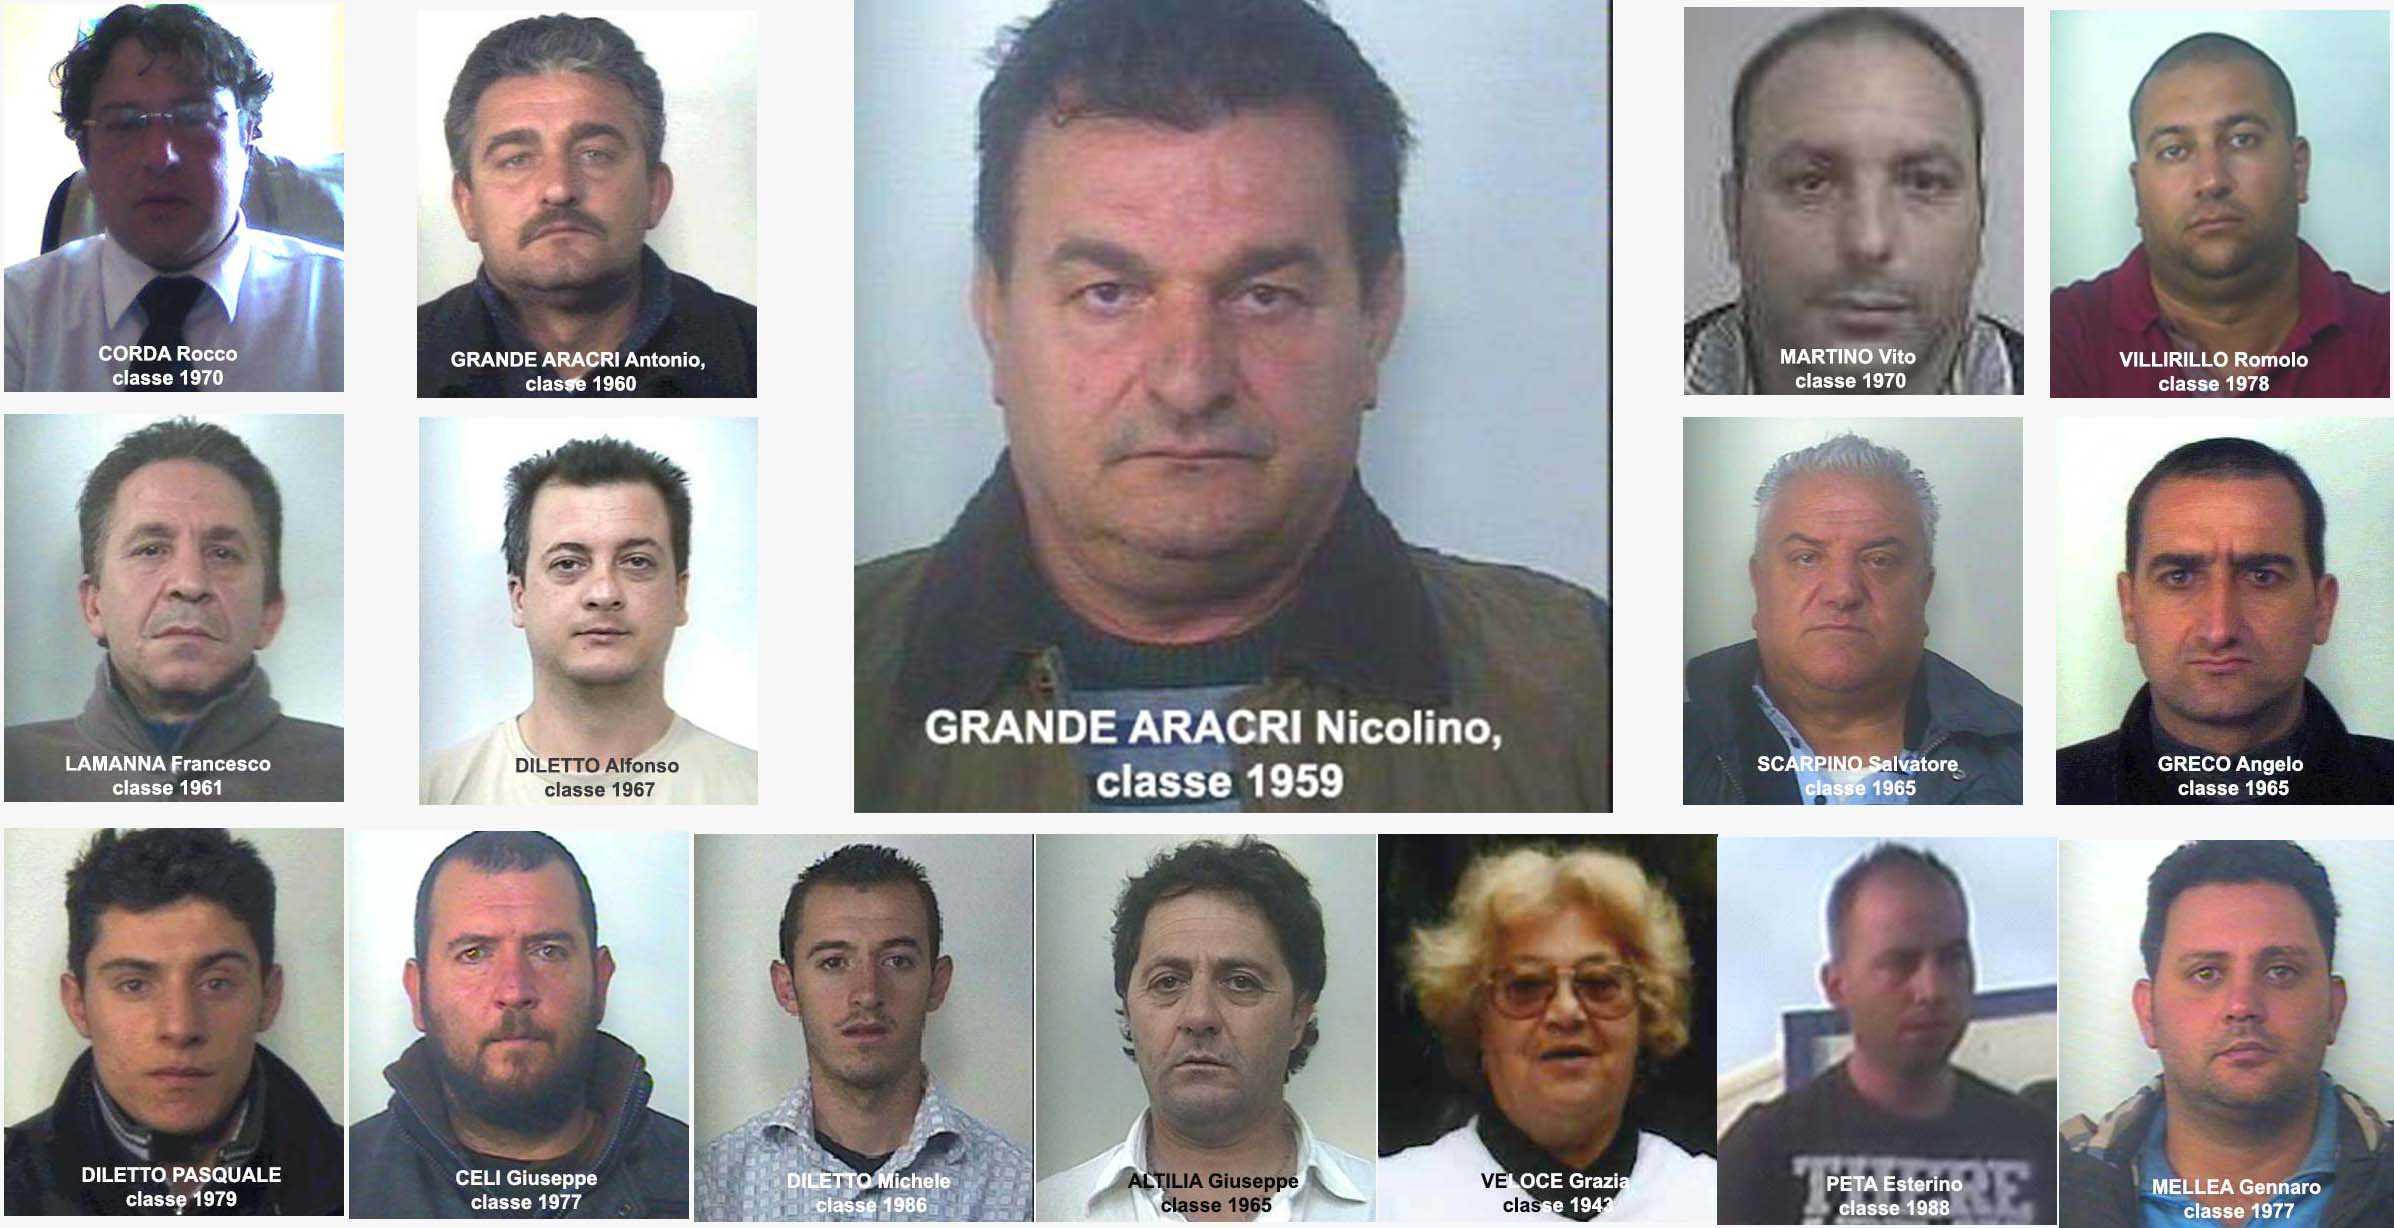 Gli arrestati nell'ambito dell'operazione Kiterion 2 - Grande Aracri